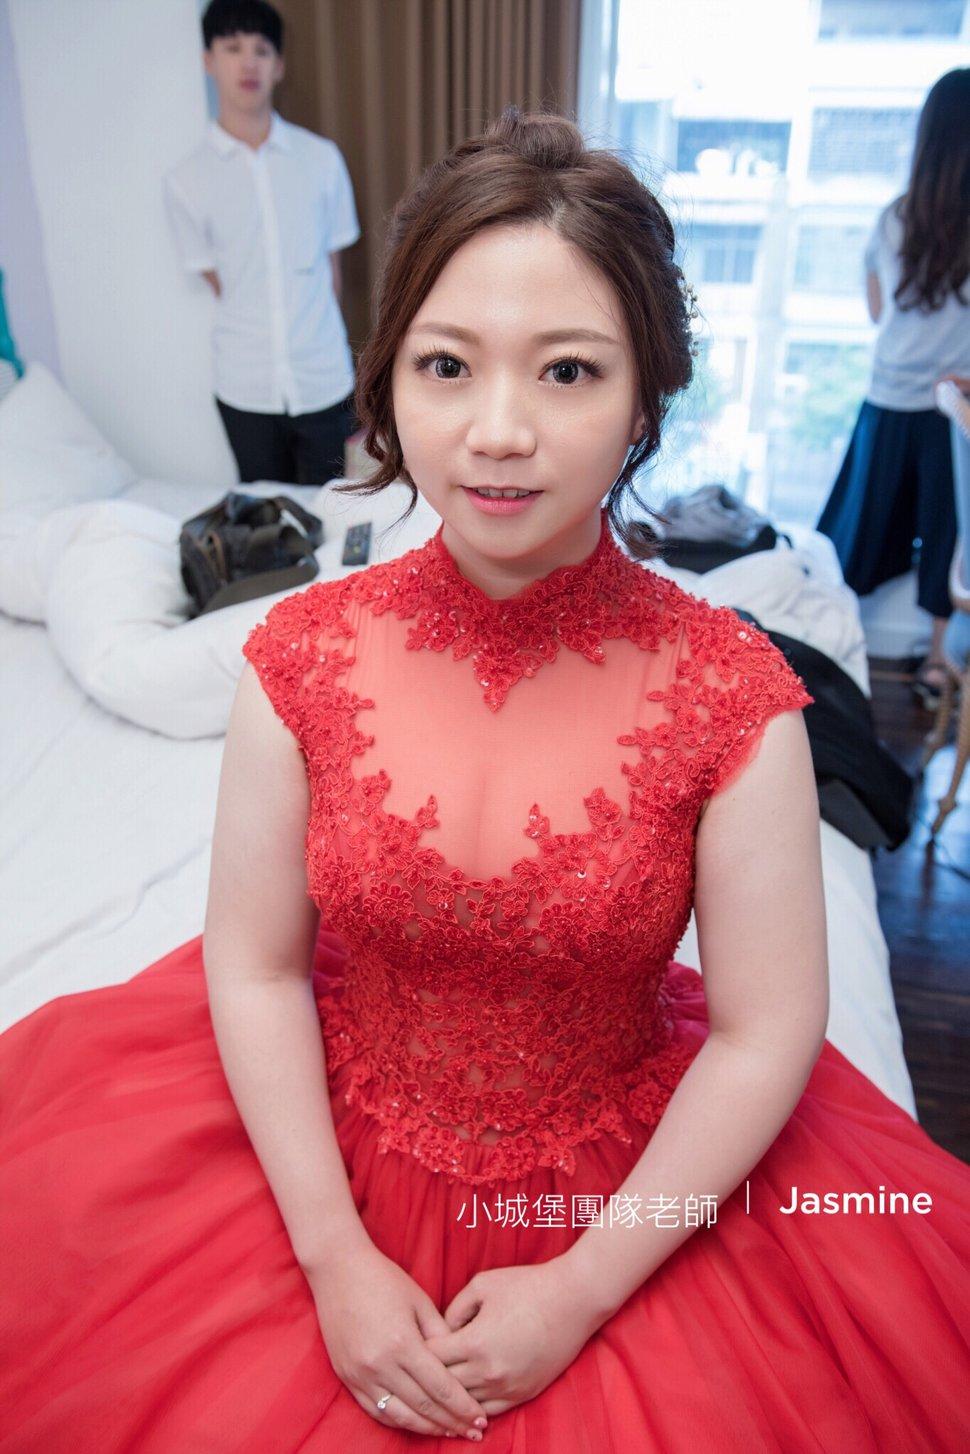 17E4DA80-2EC4-4364-A542-3D662158AC43 - Jasmine Makeup新娘秘書《結婚吧》